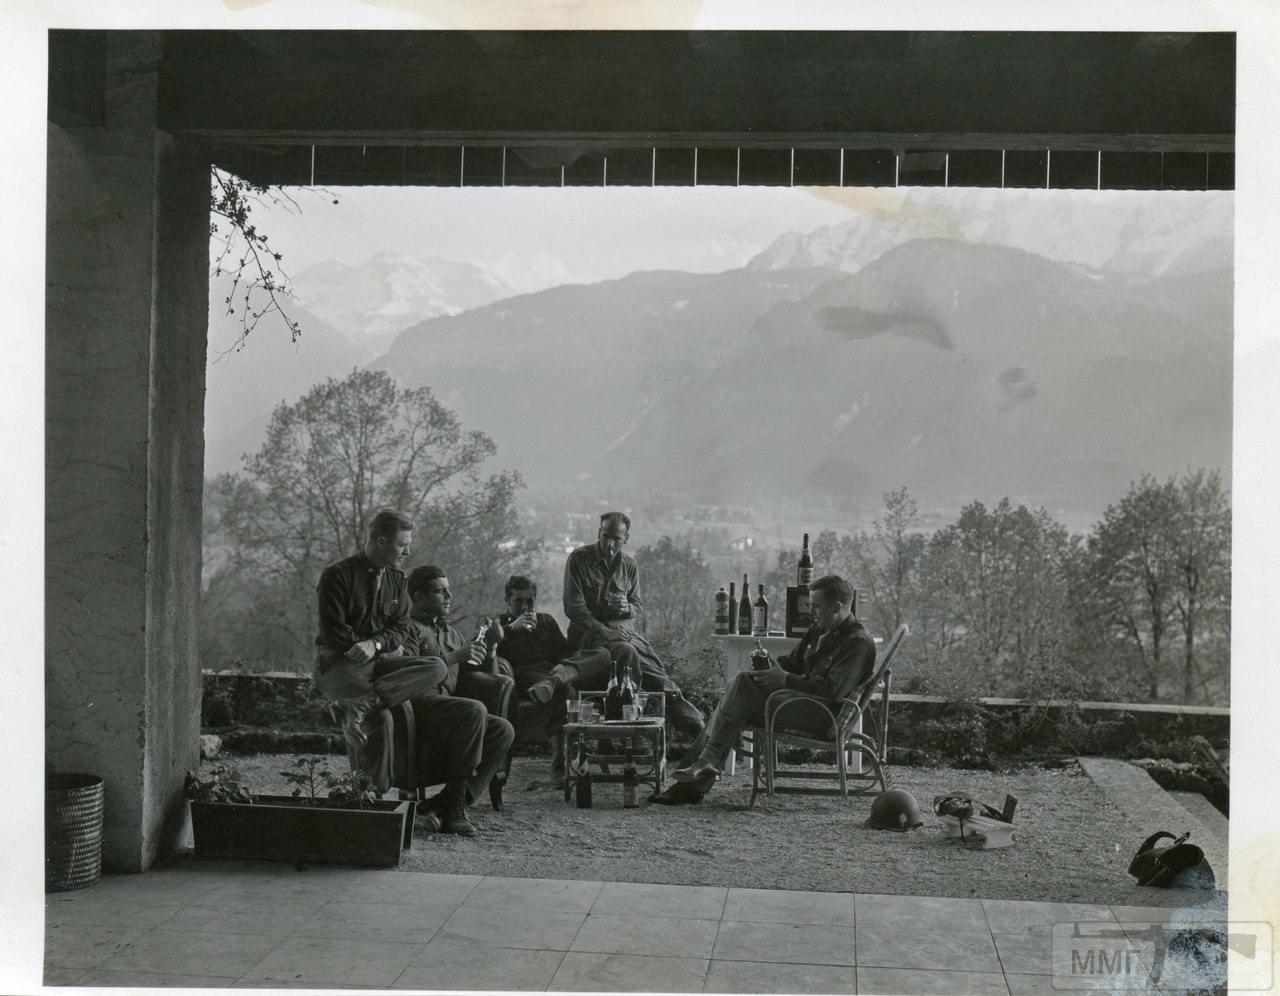 15827 - Военное фото 1939-1945 г.г. Западный фронт и Африка.